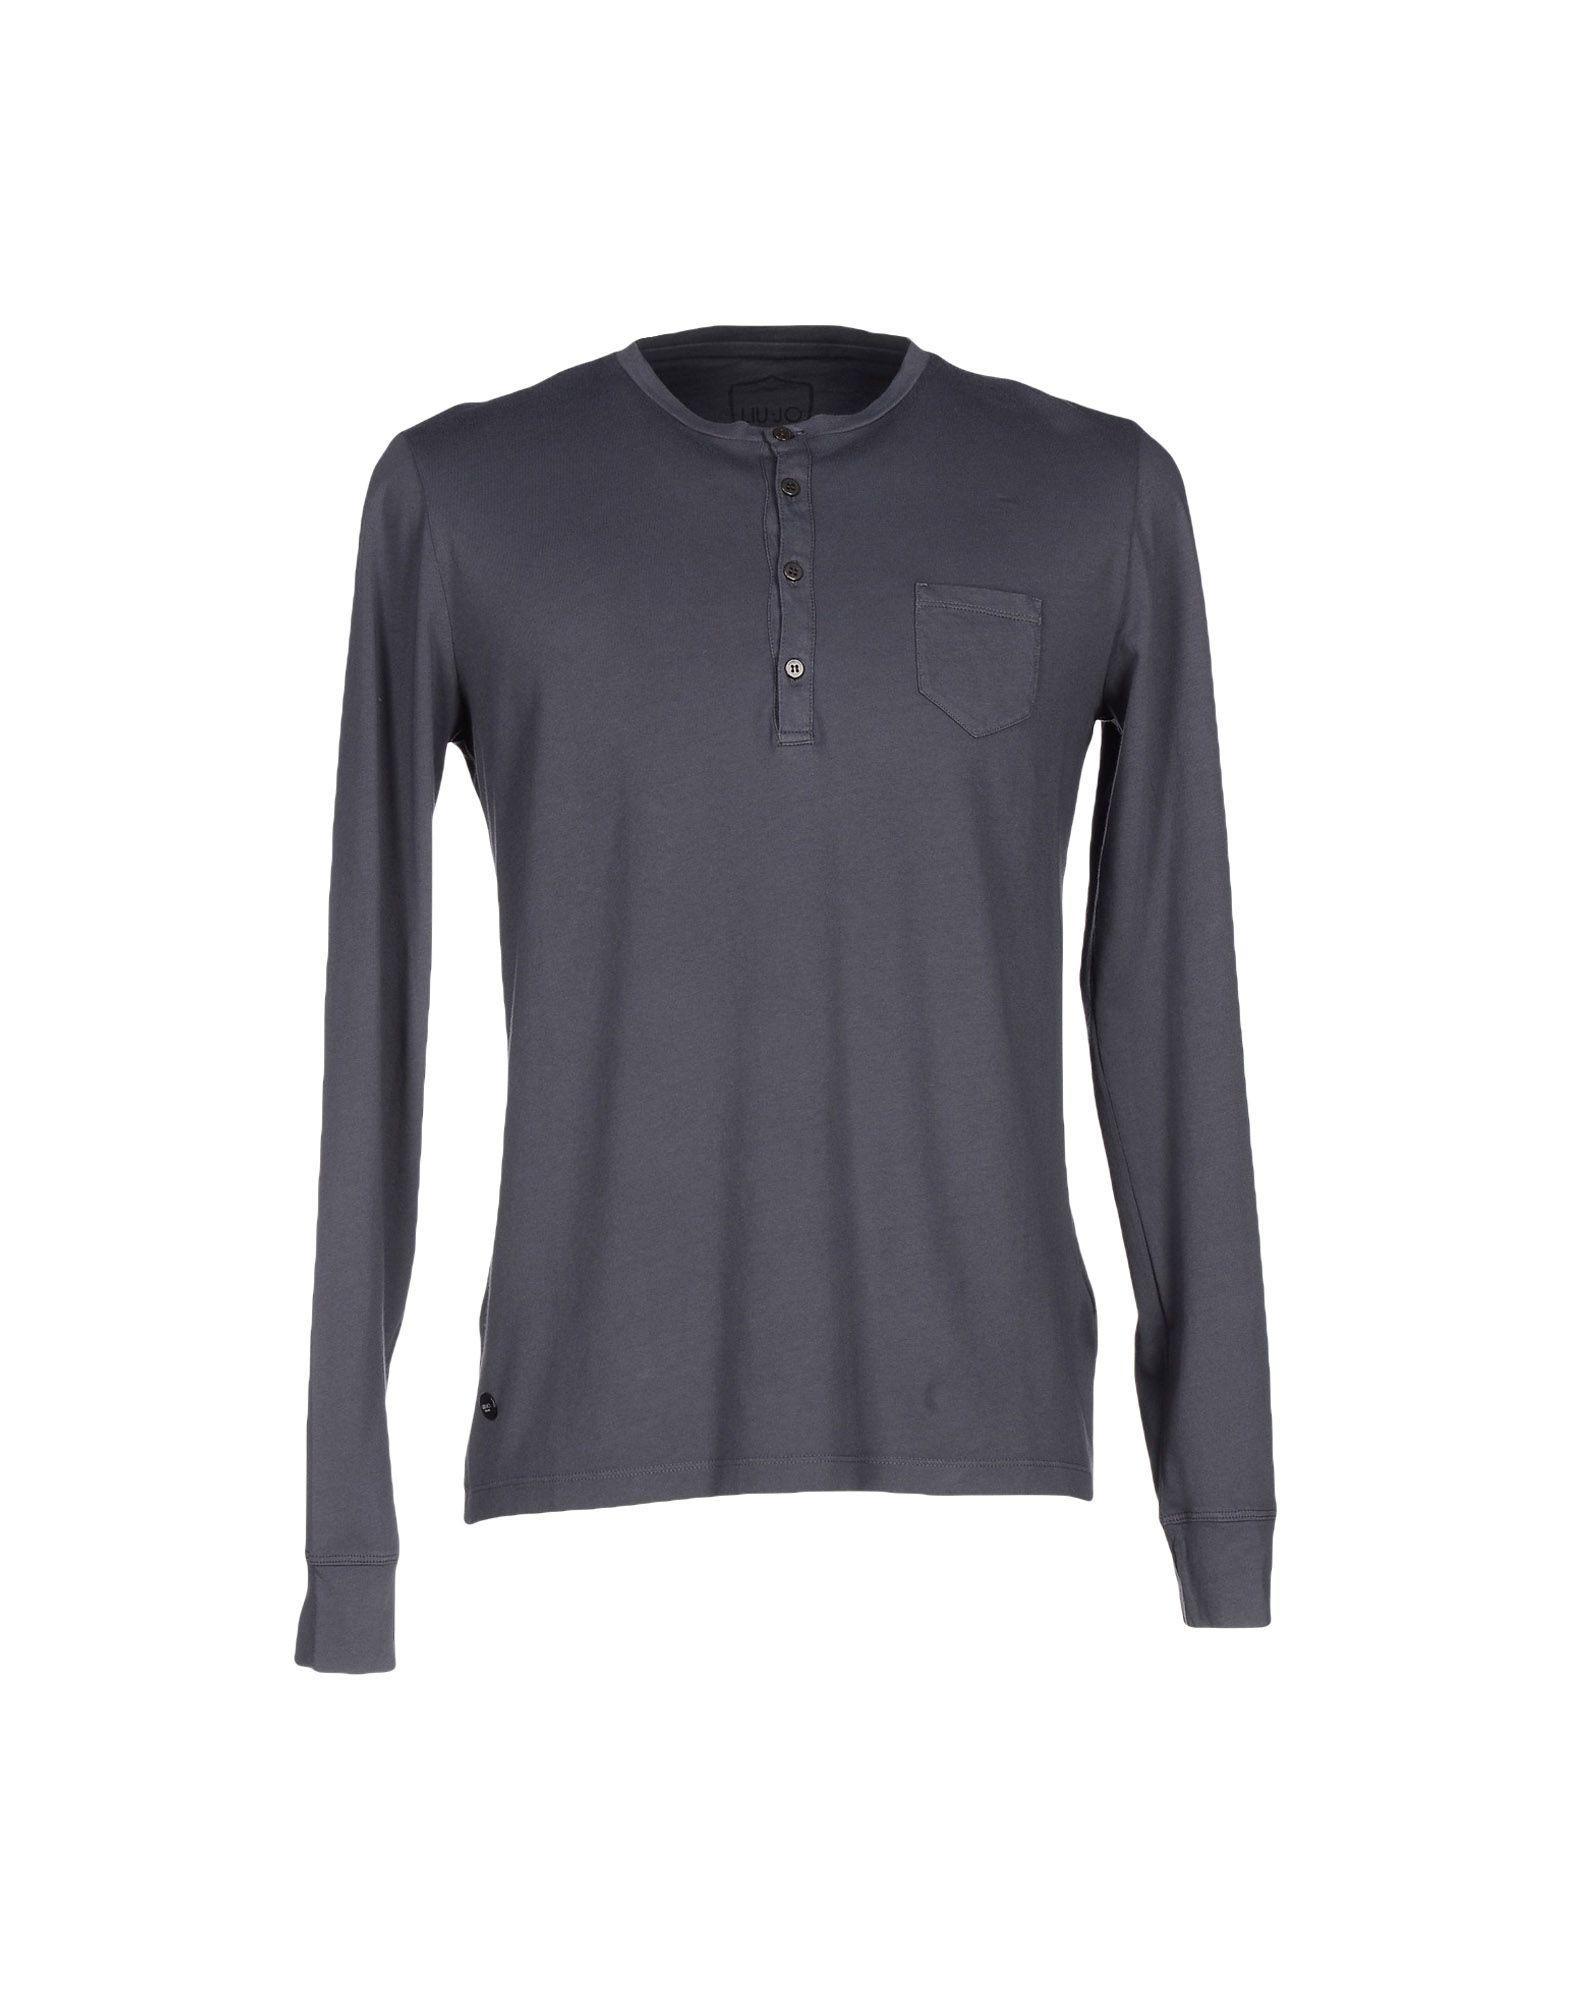 Liu •jo T-shirt In Grey